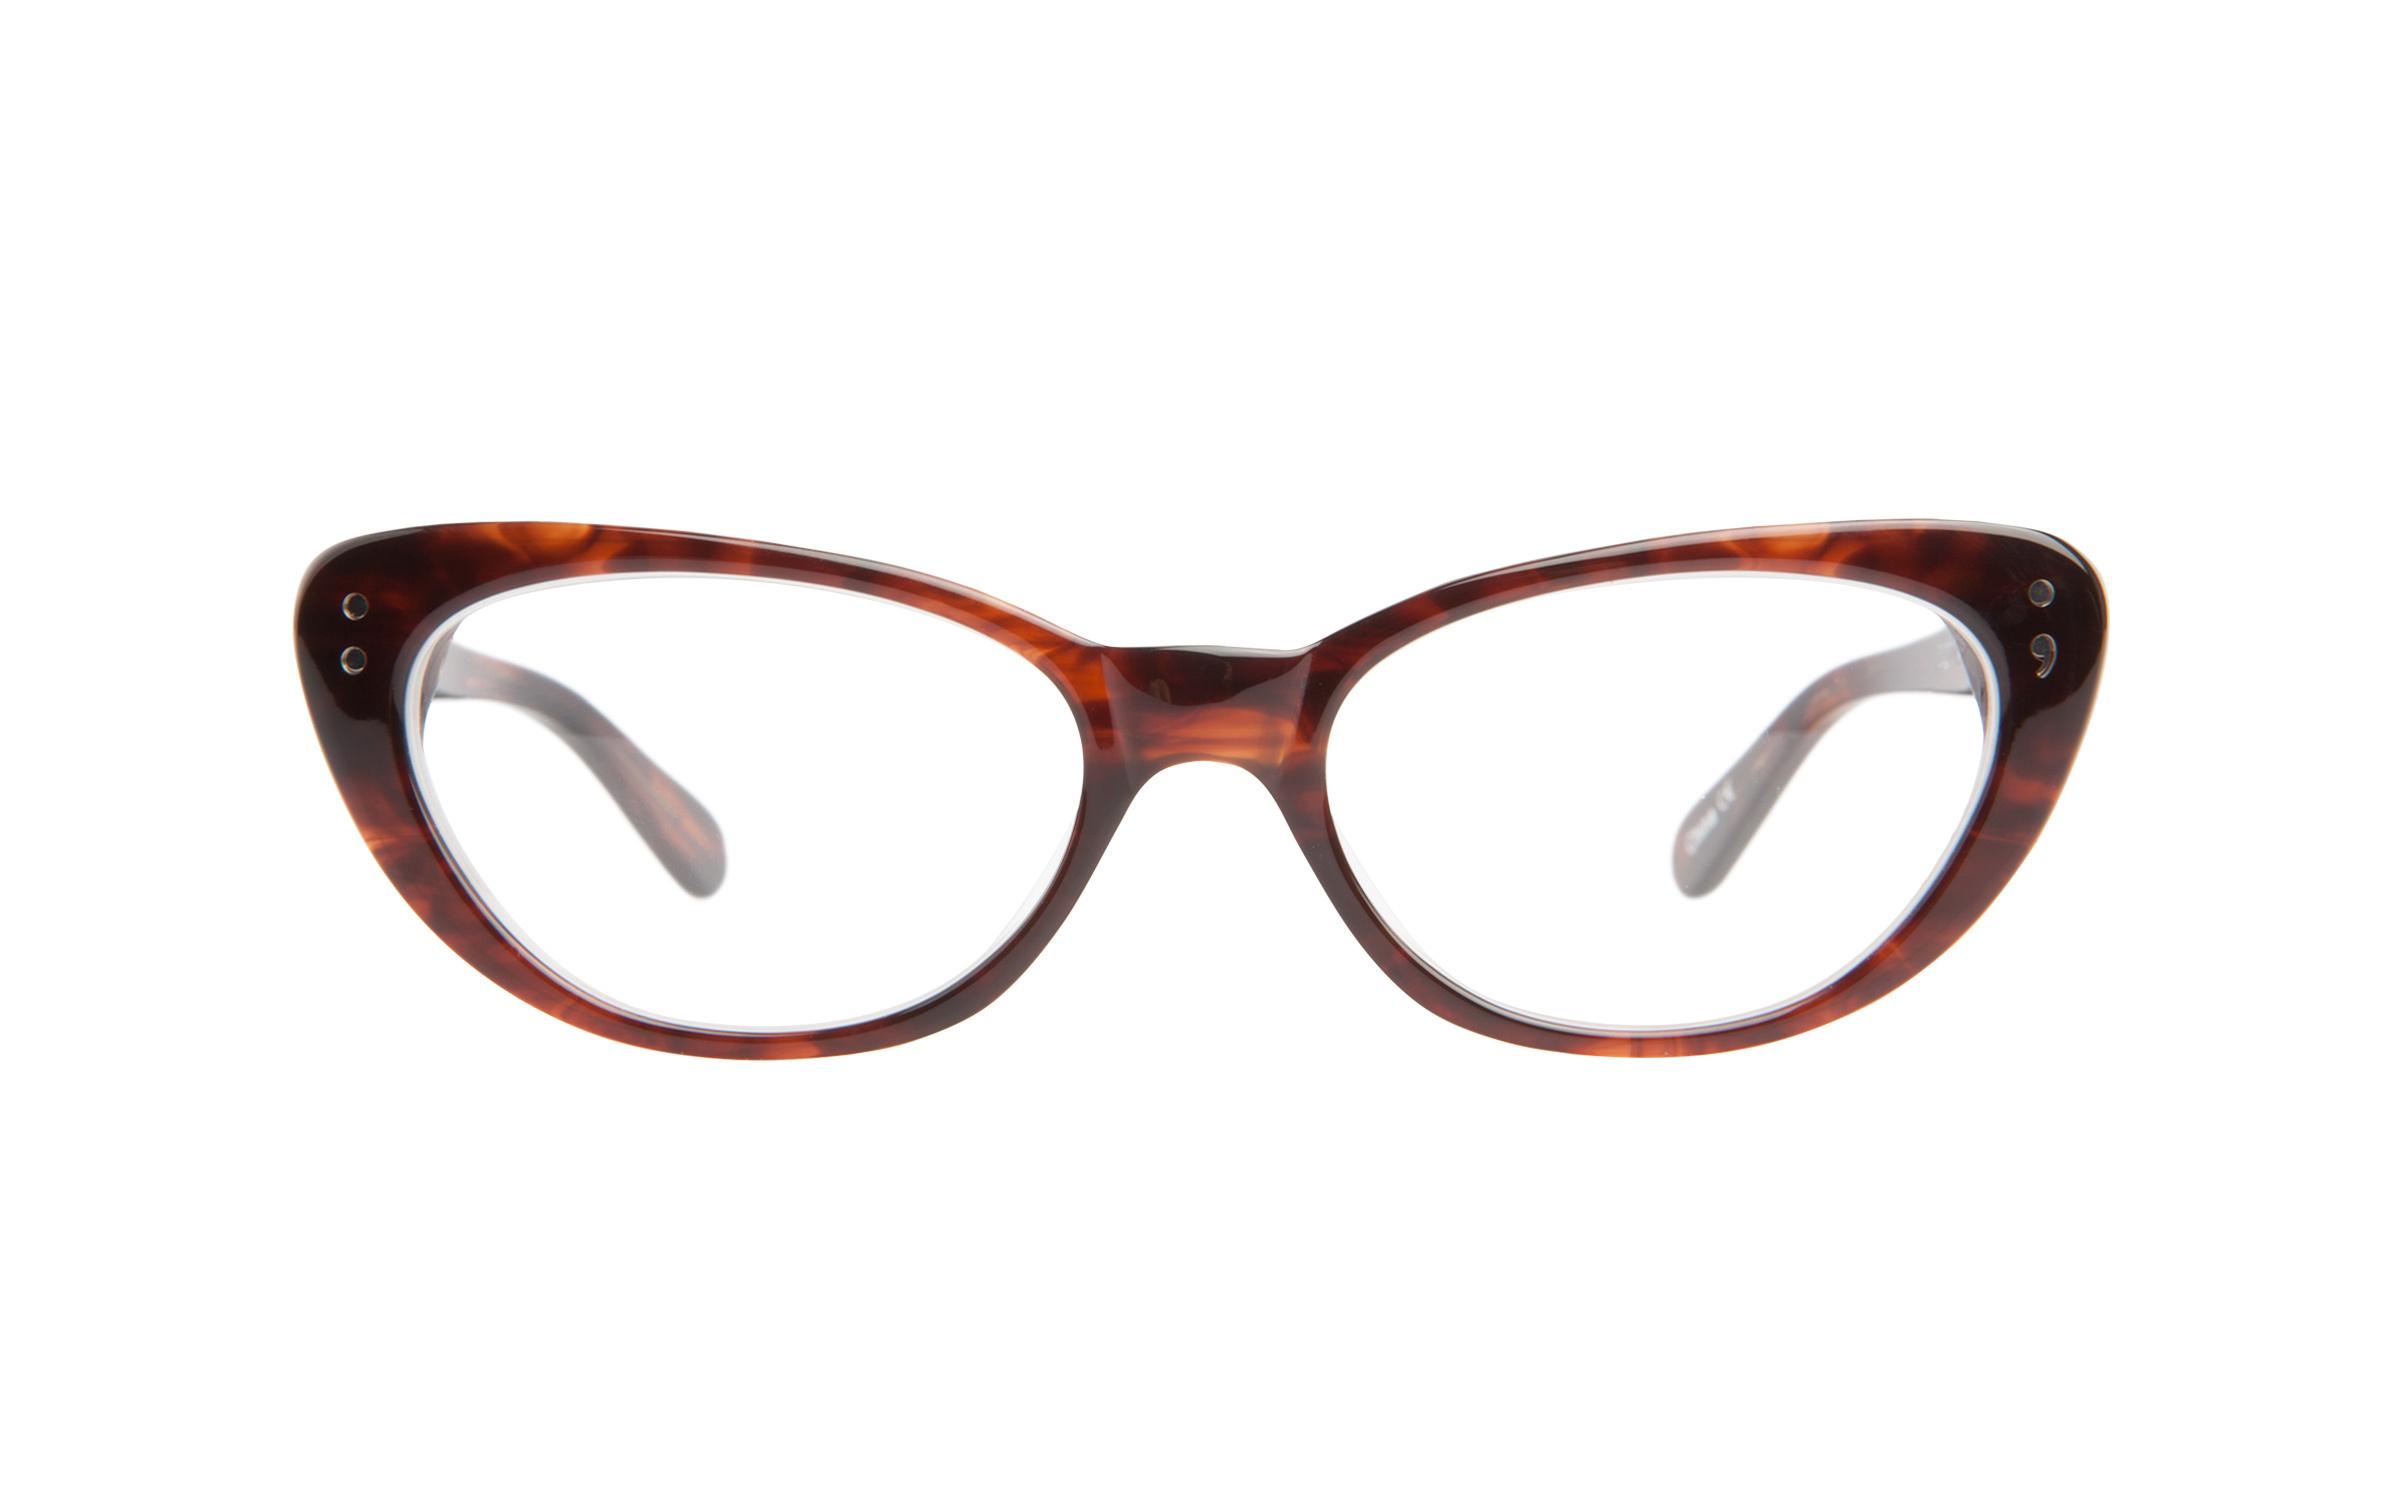 Derek Cardigan 7019 Dark Timber Glasses, Eyeglasses & Fra...